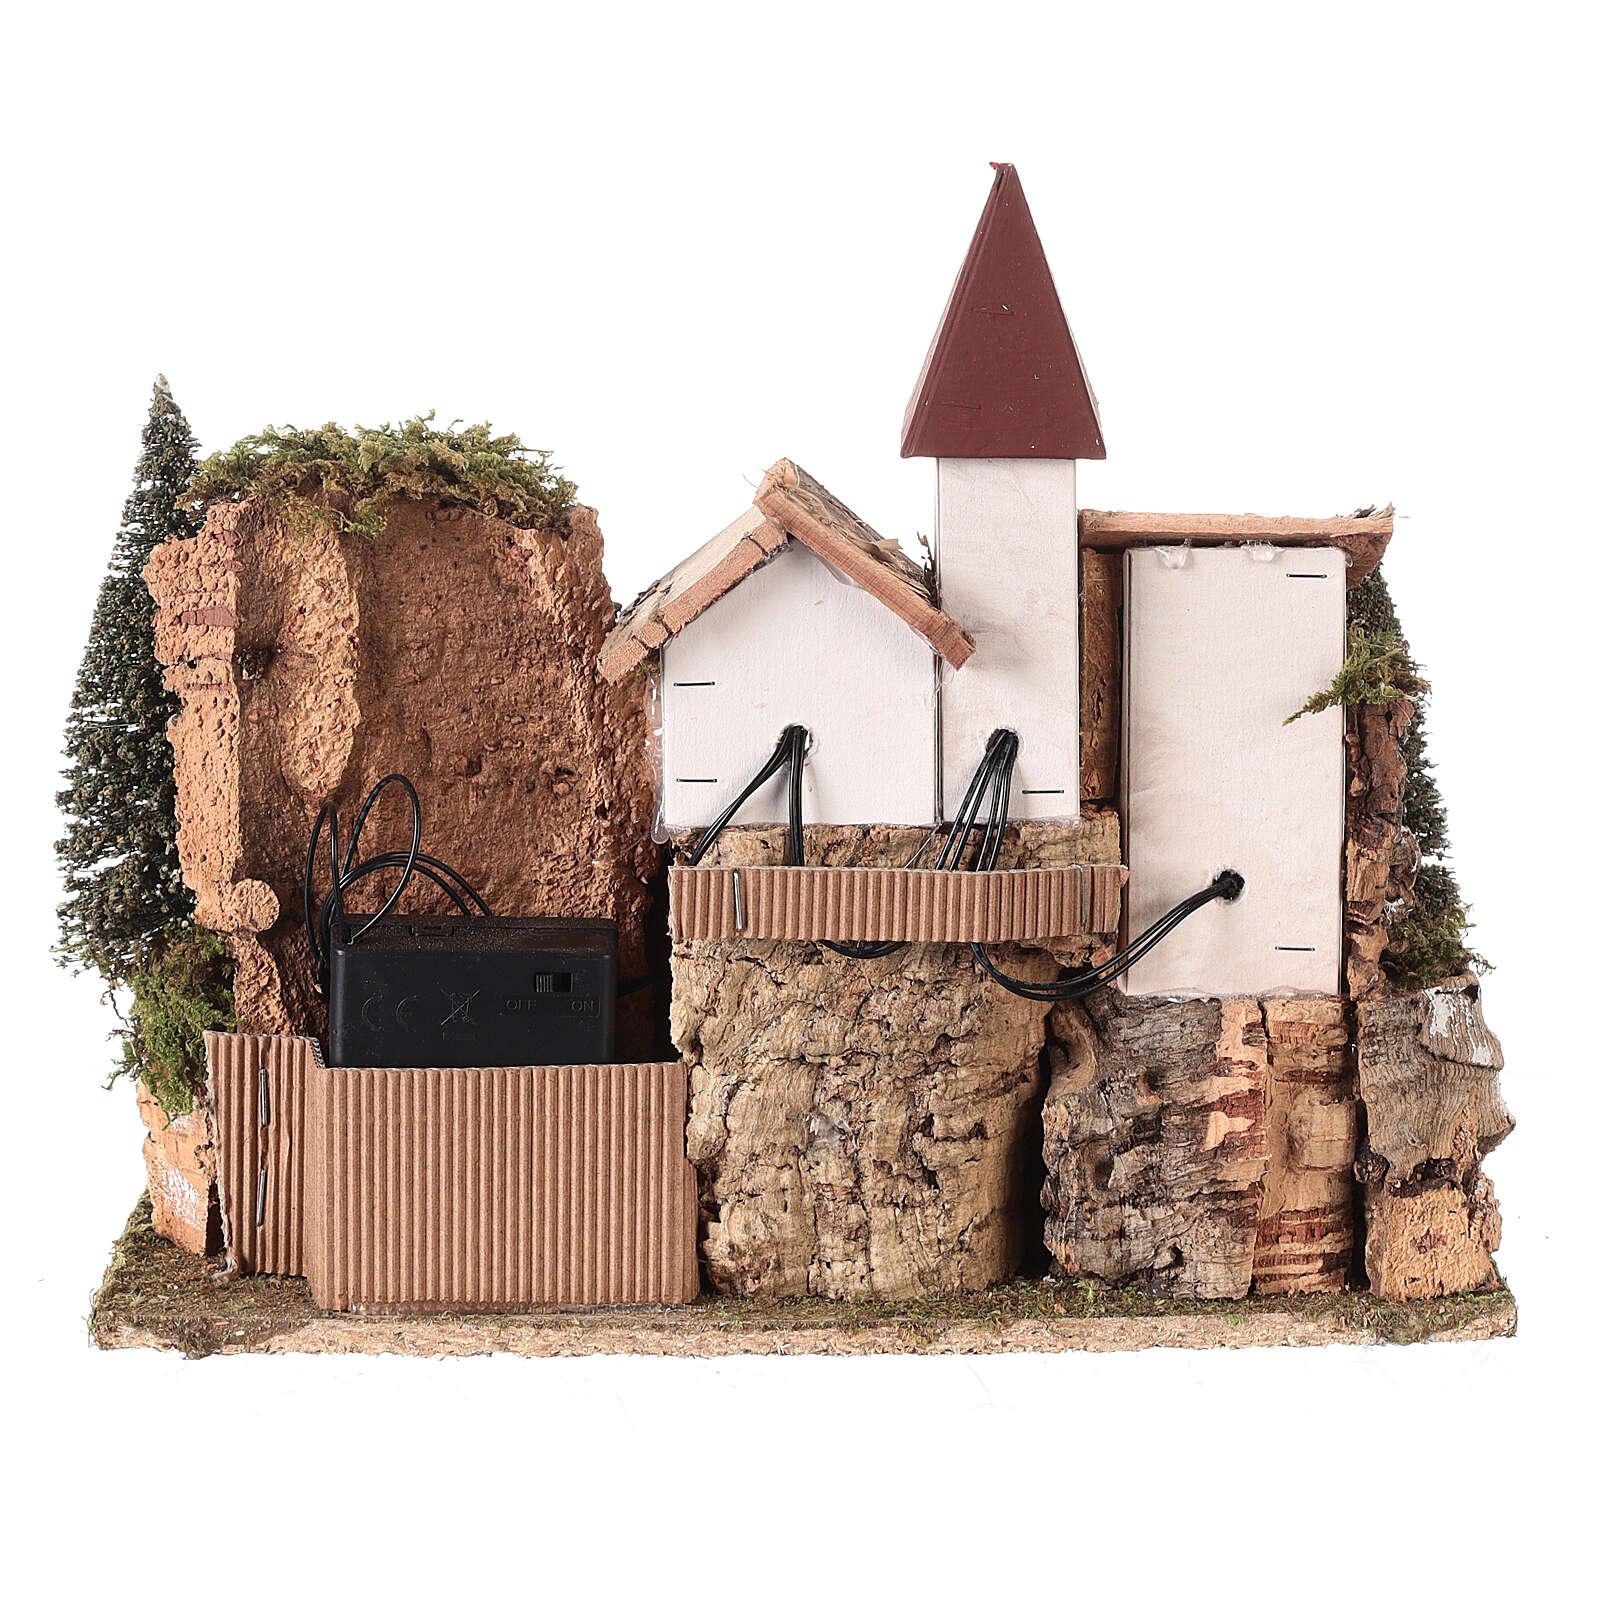 Villaggio nordico per presepe 20x25x20 cm 4